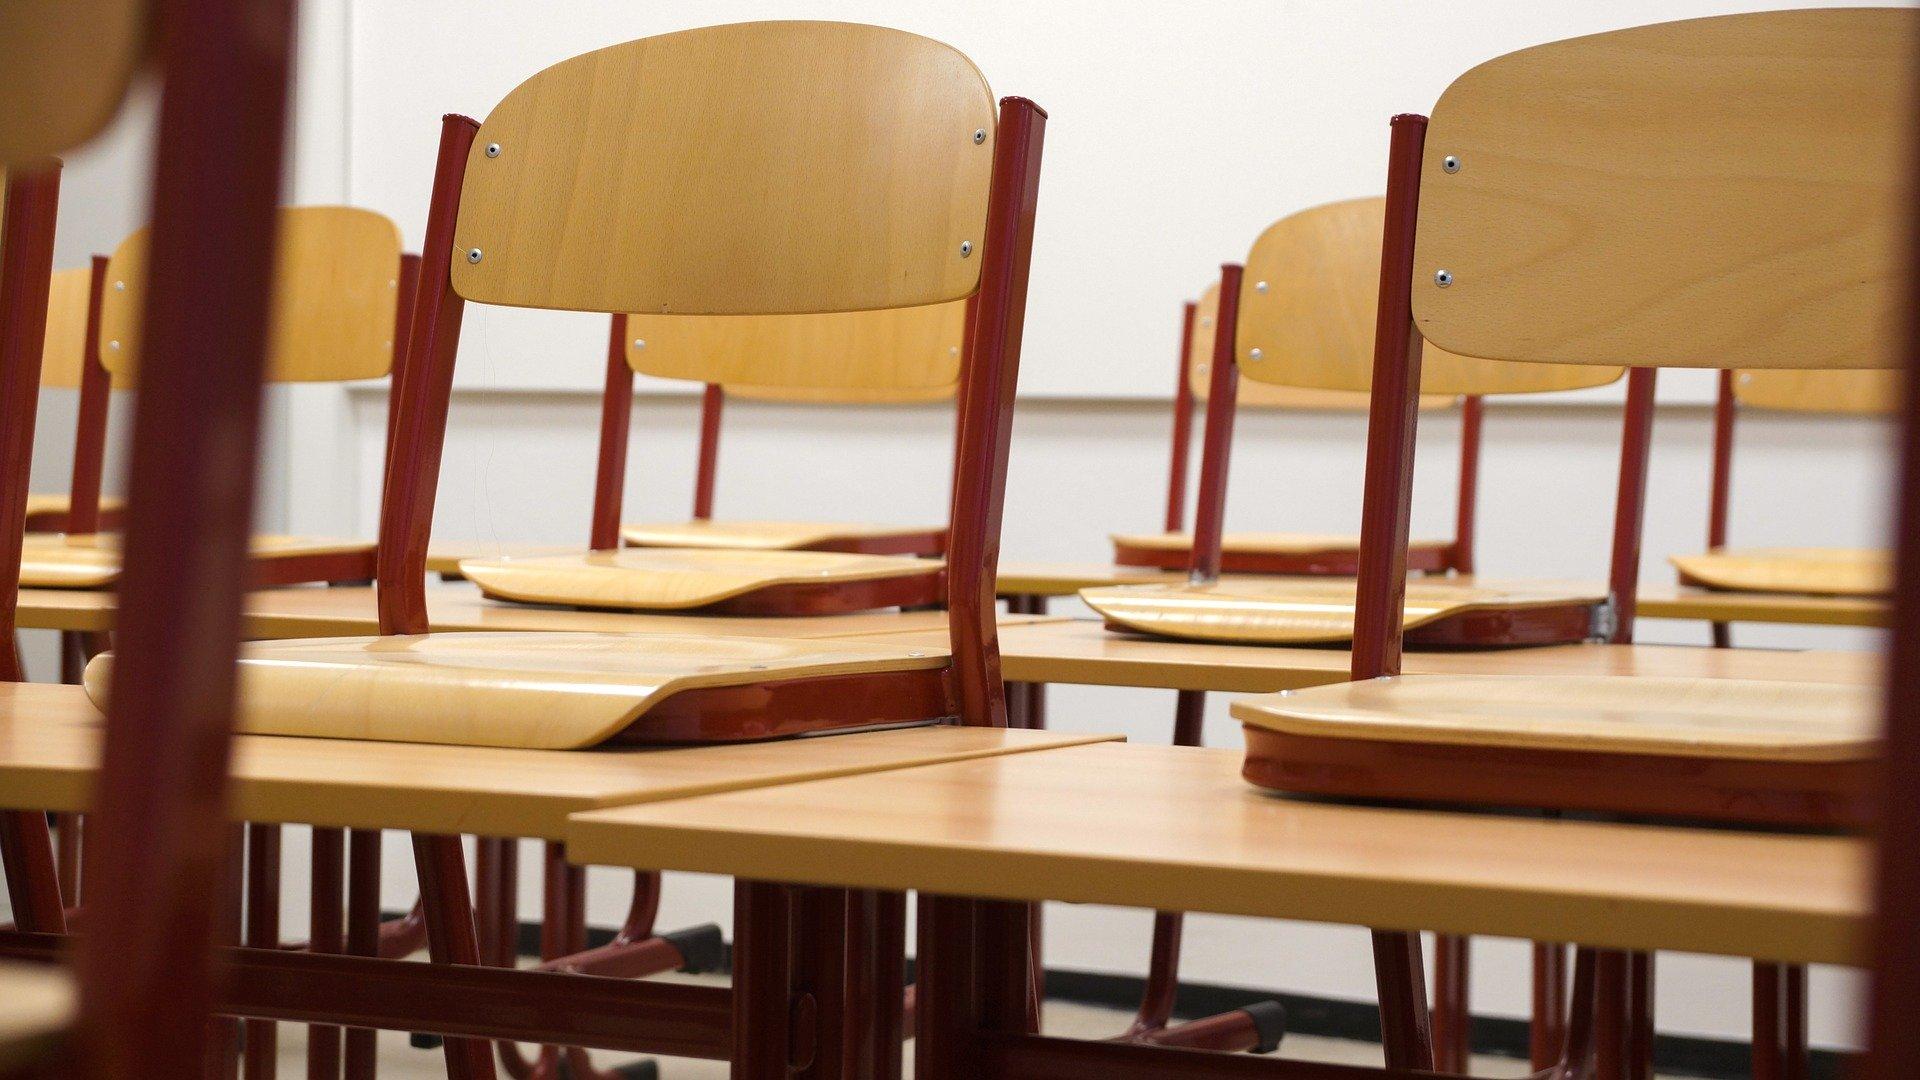 Mobile Innenraumfilter können ein wirkungsvoller Baustein für die Risikominderung in Klassenzimmern sein